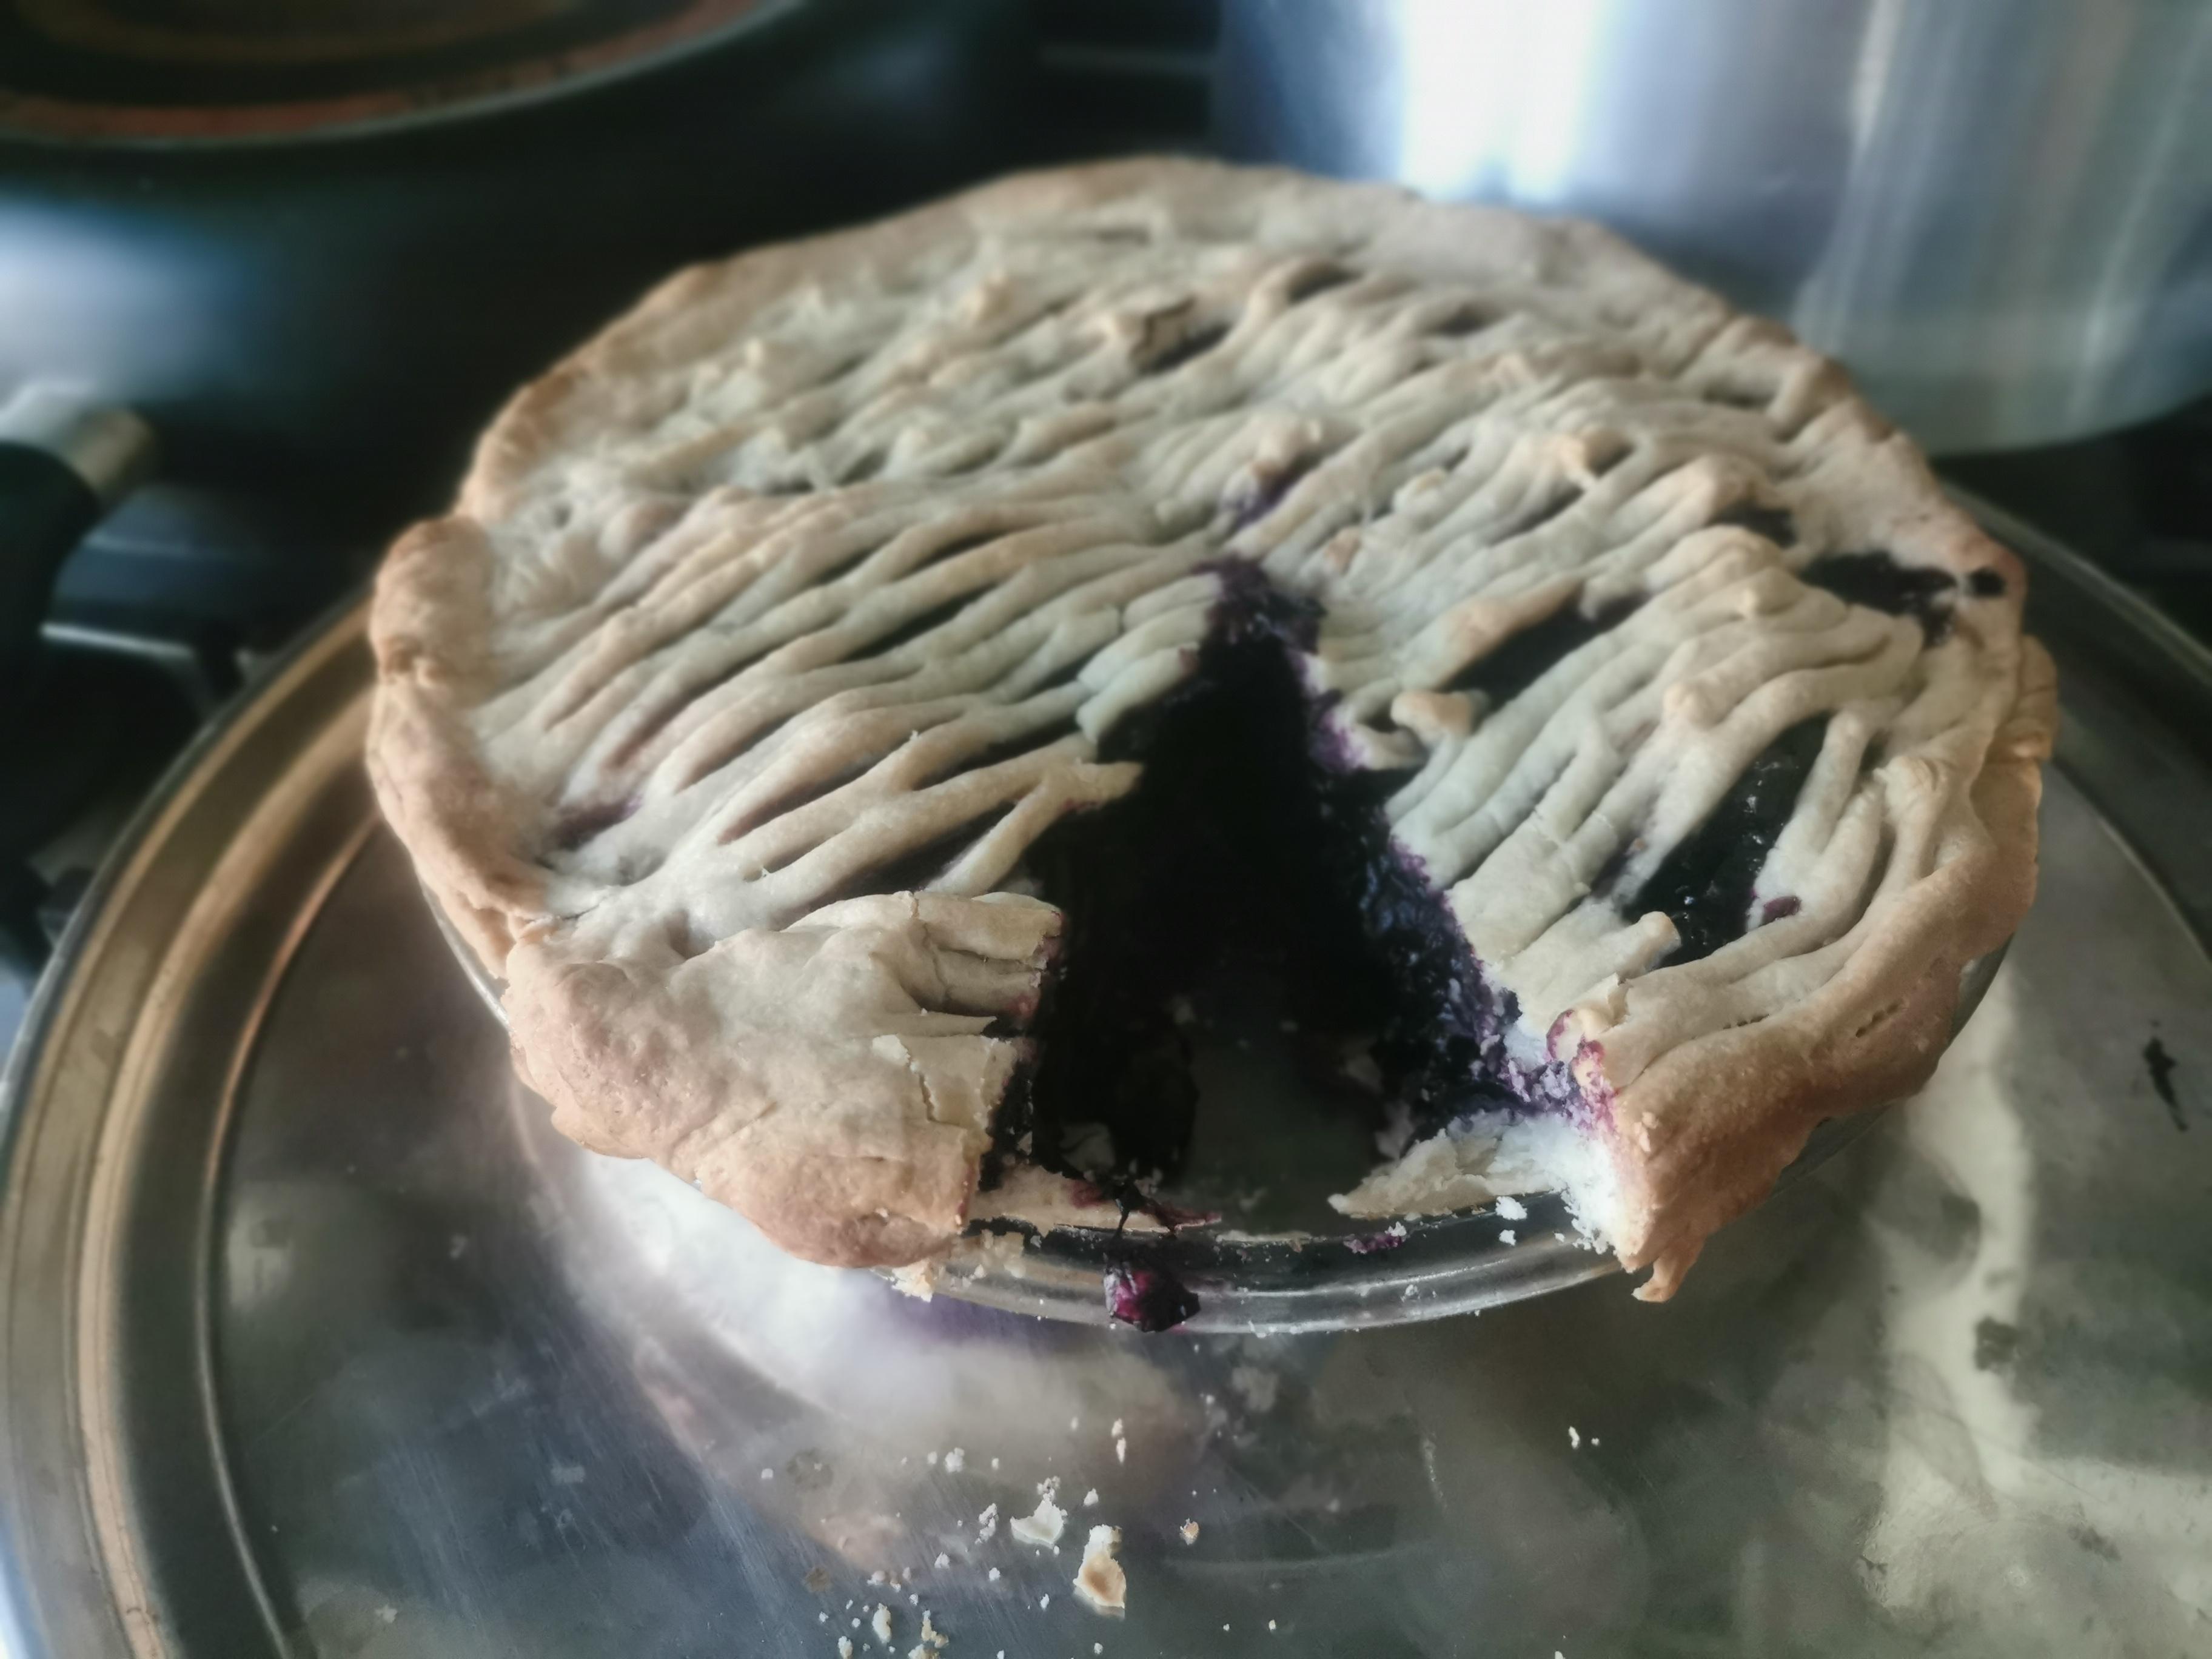 Concord Grape Pie I